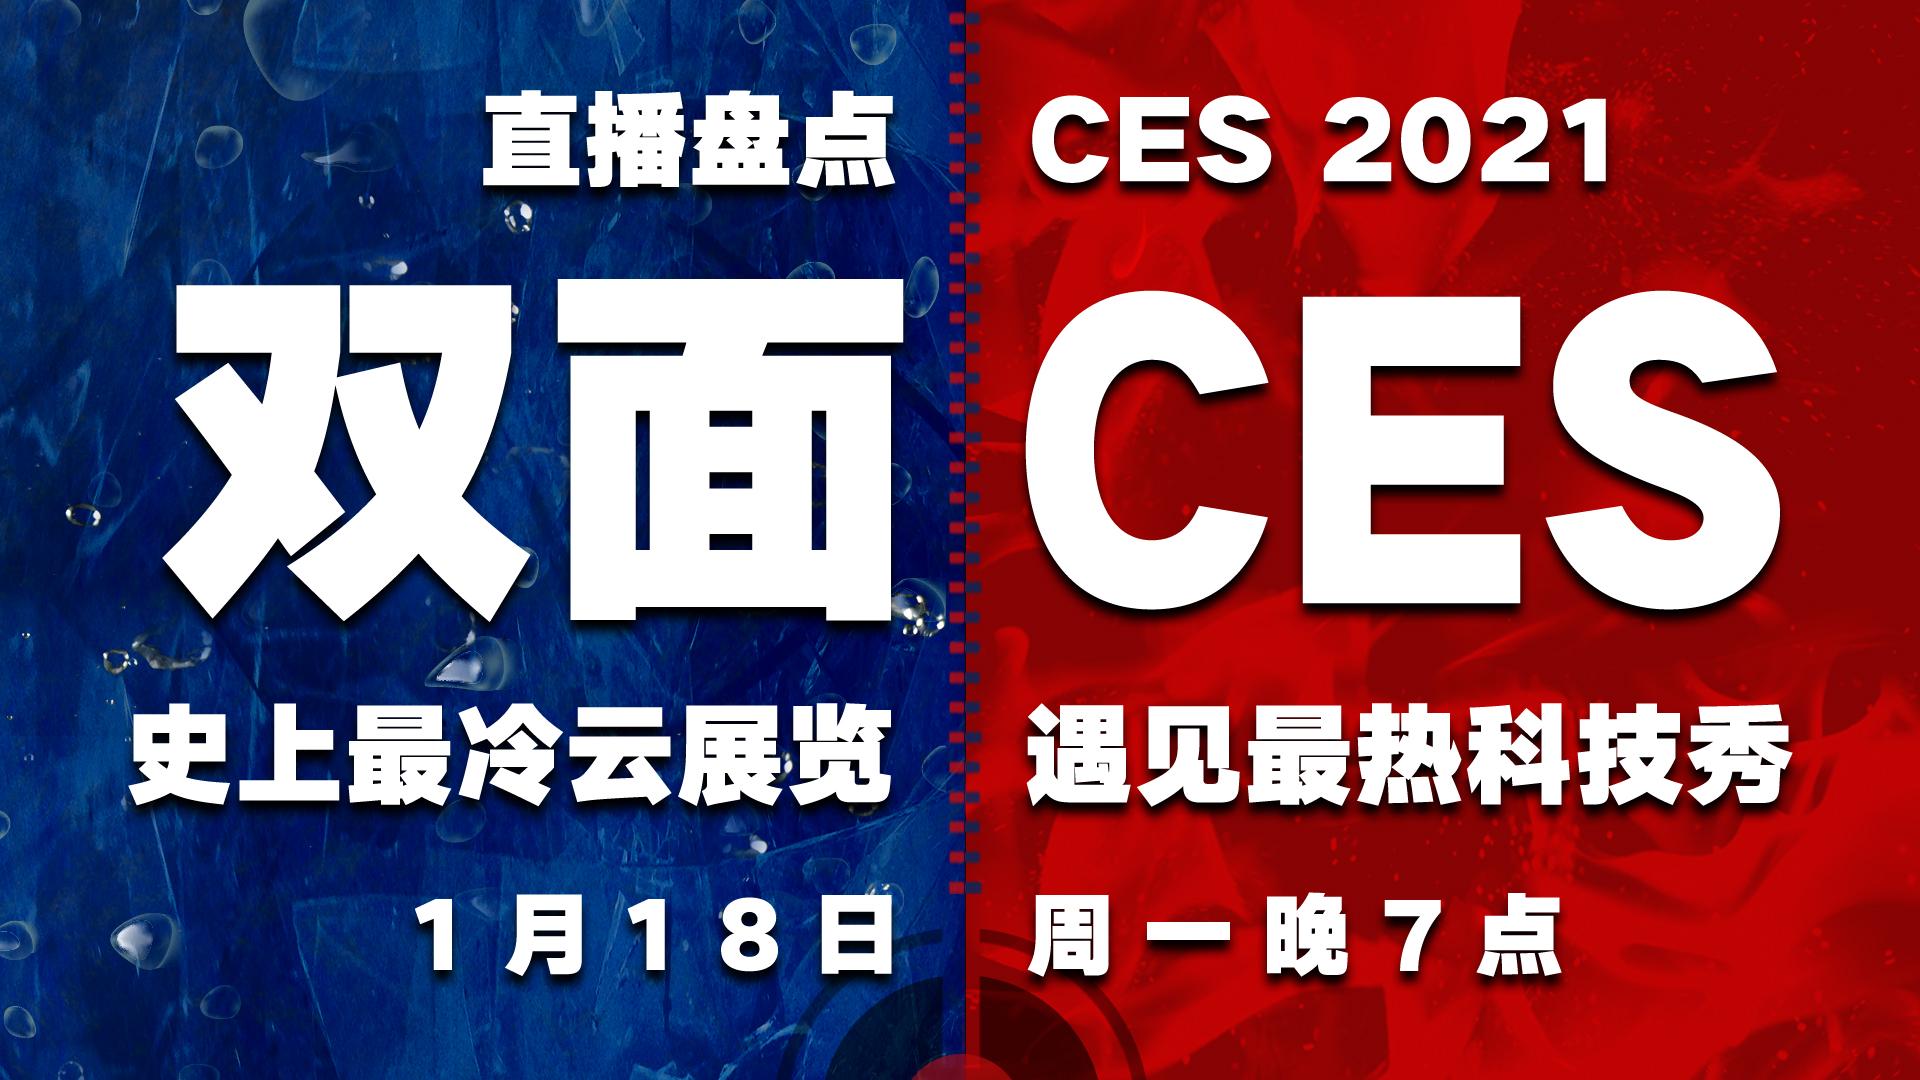 双面CES:最冷云展览里的最热科技秀